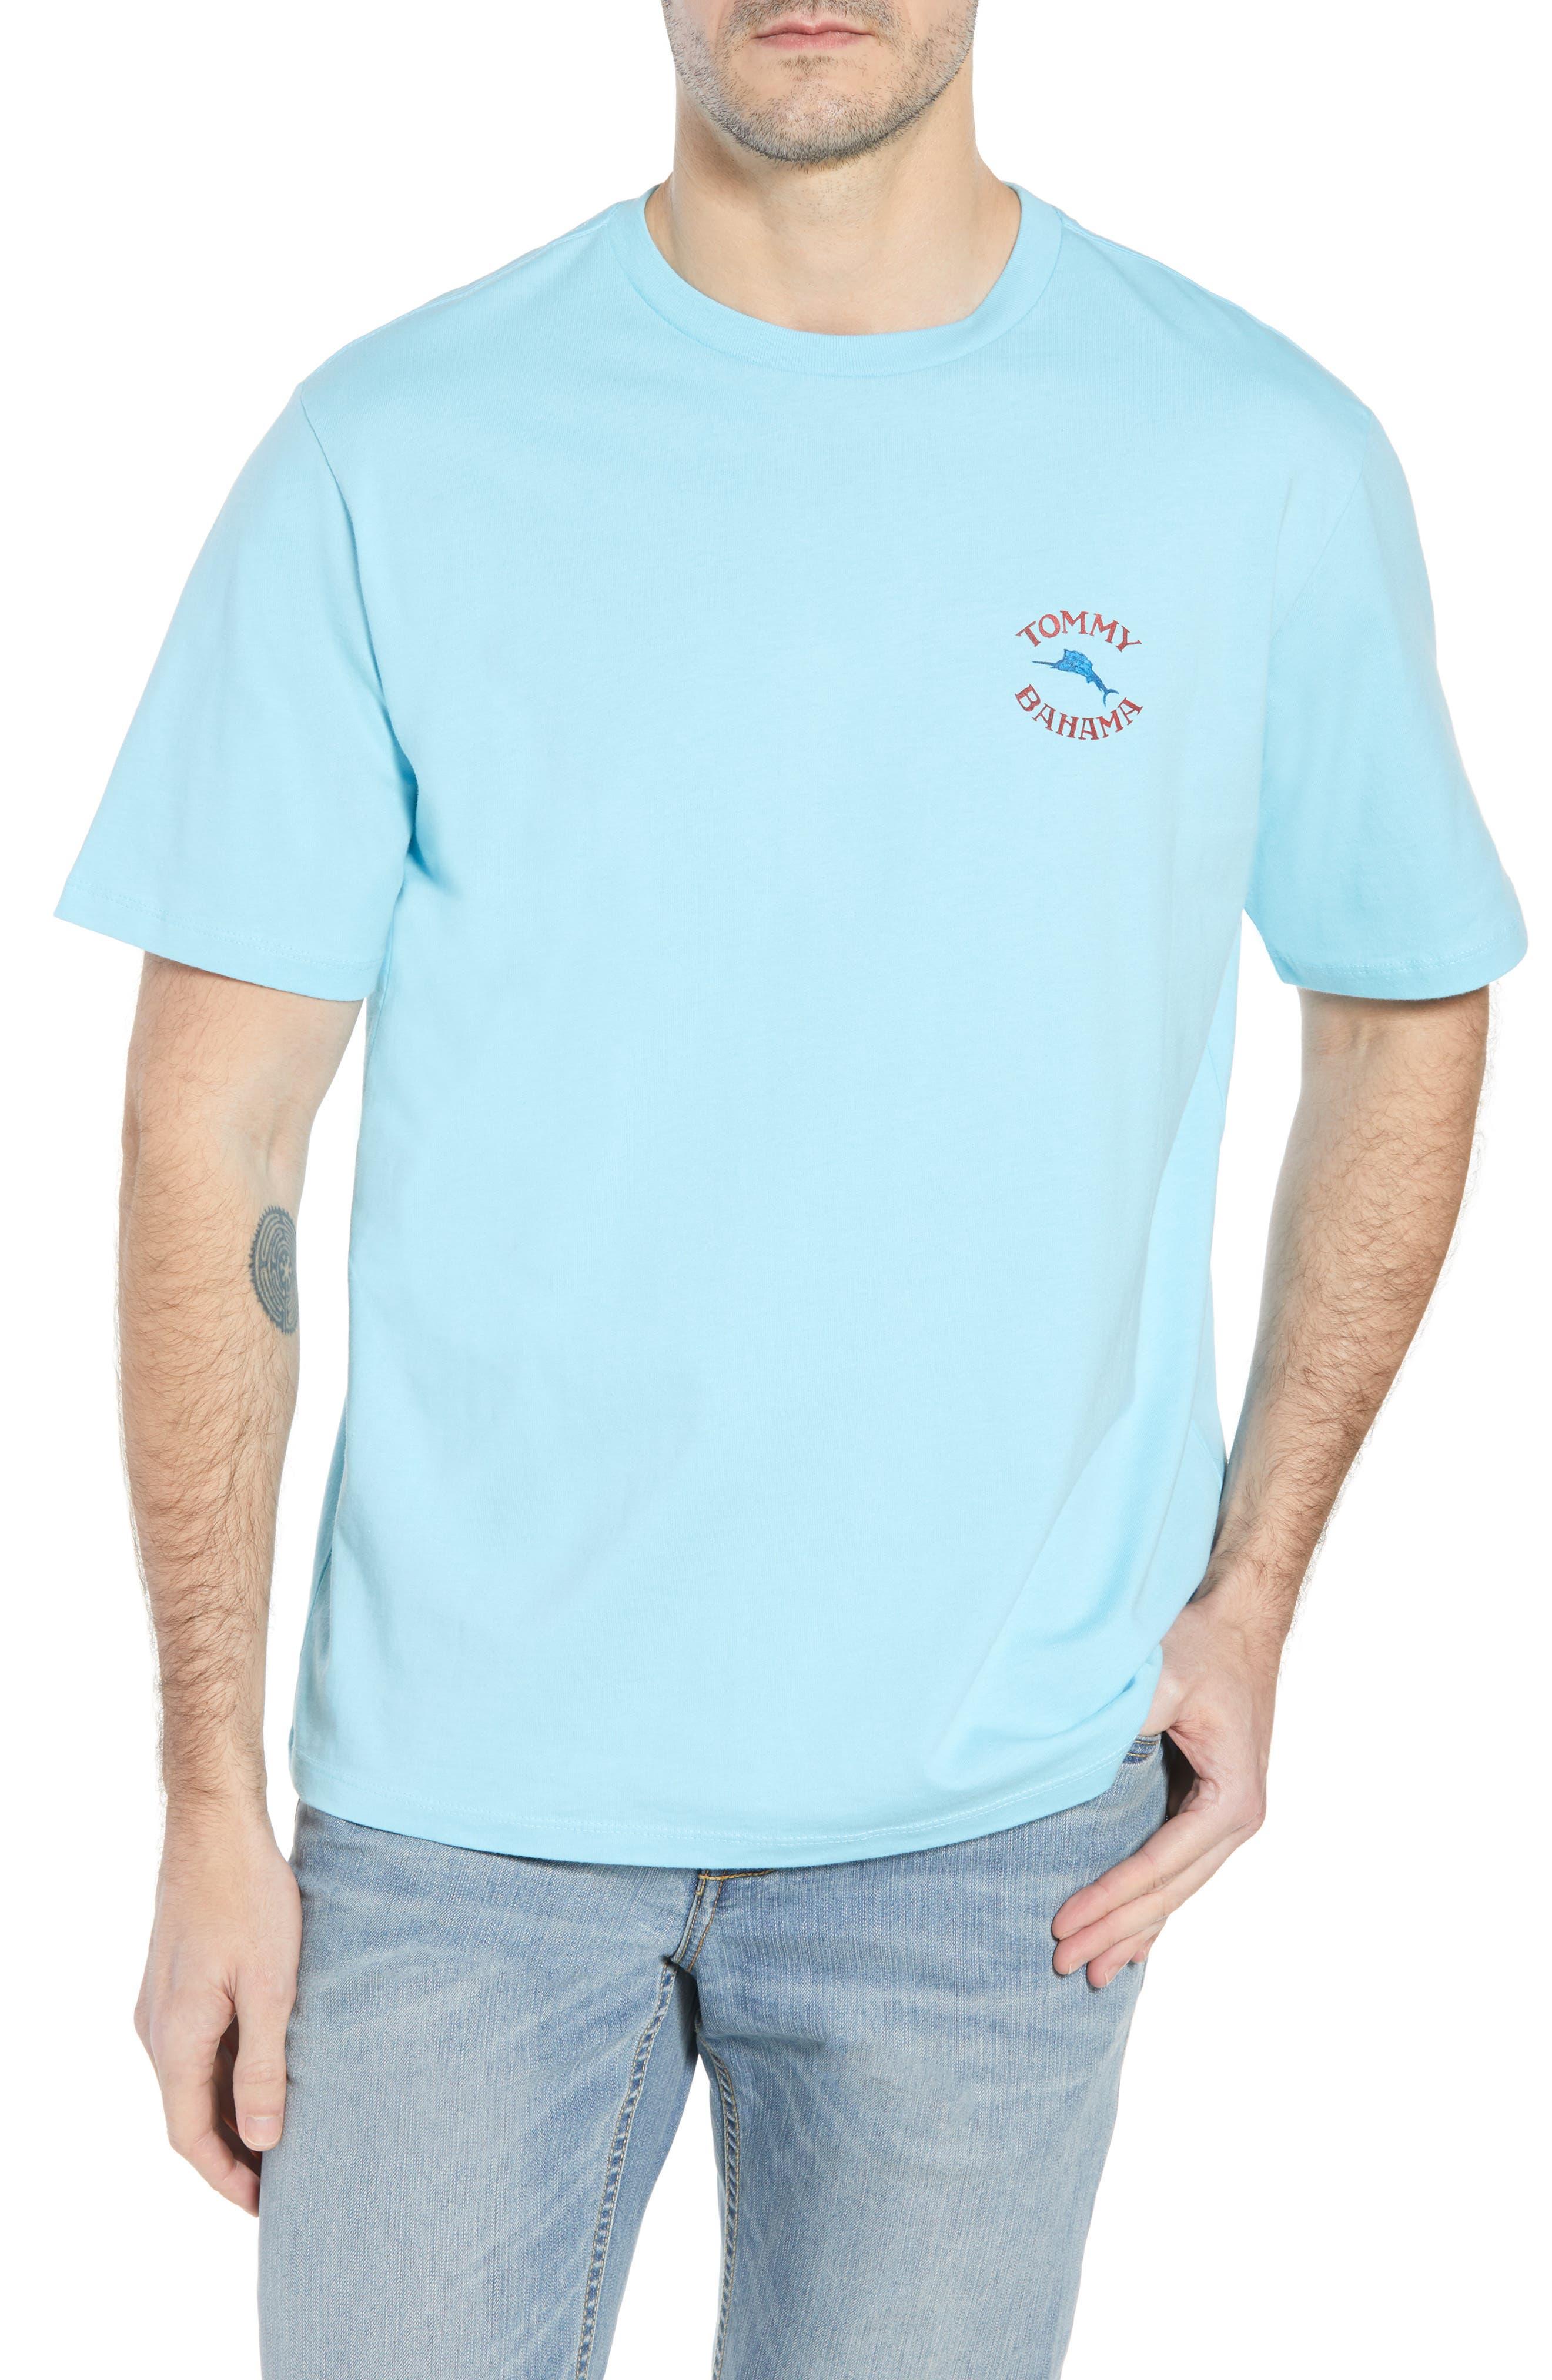 Pail-Eo Diet T-Shirt,                             Main thumbnail 1, color,                             Bowtie Blue